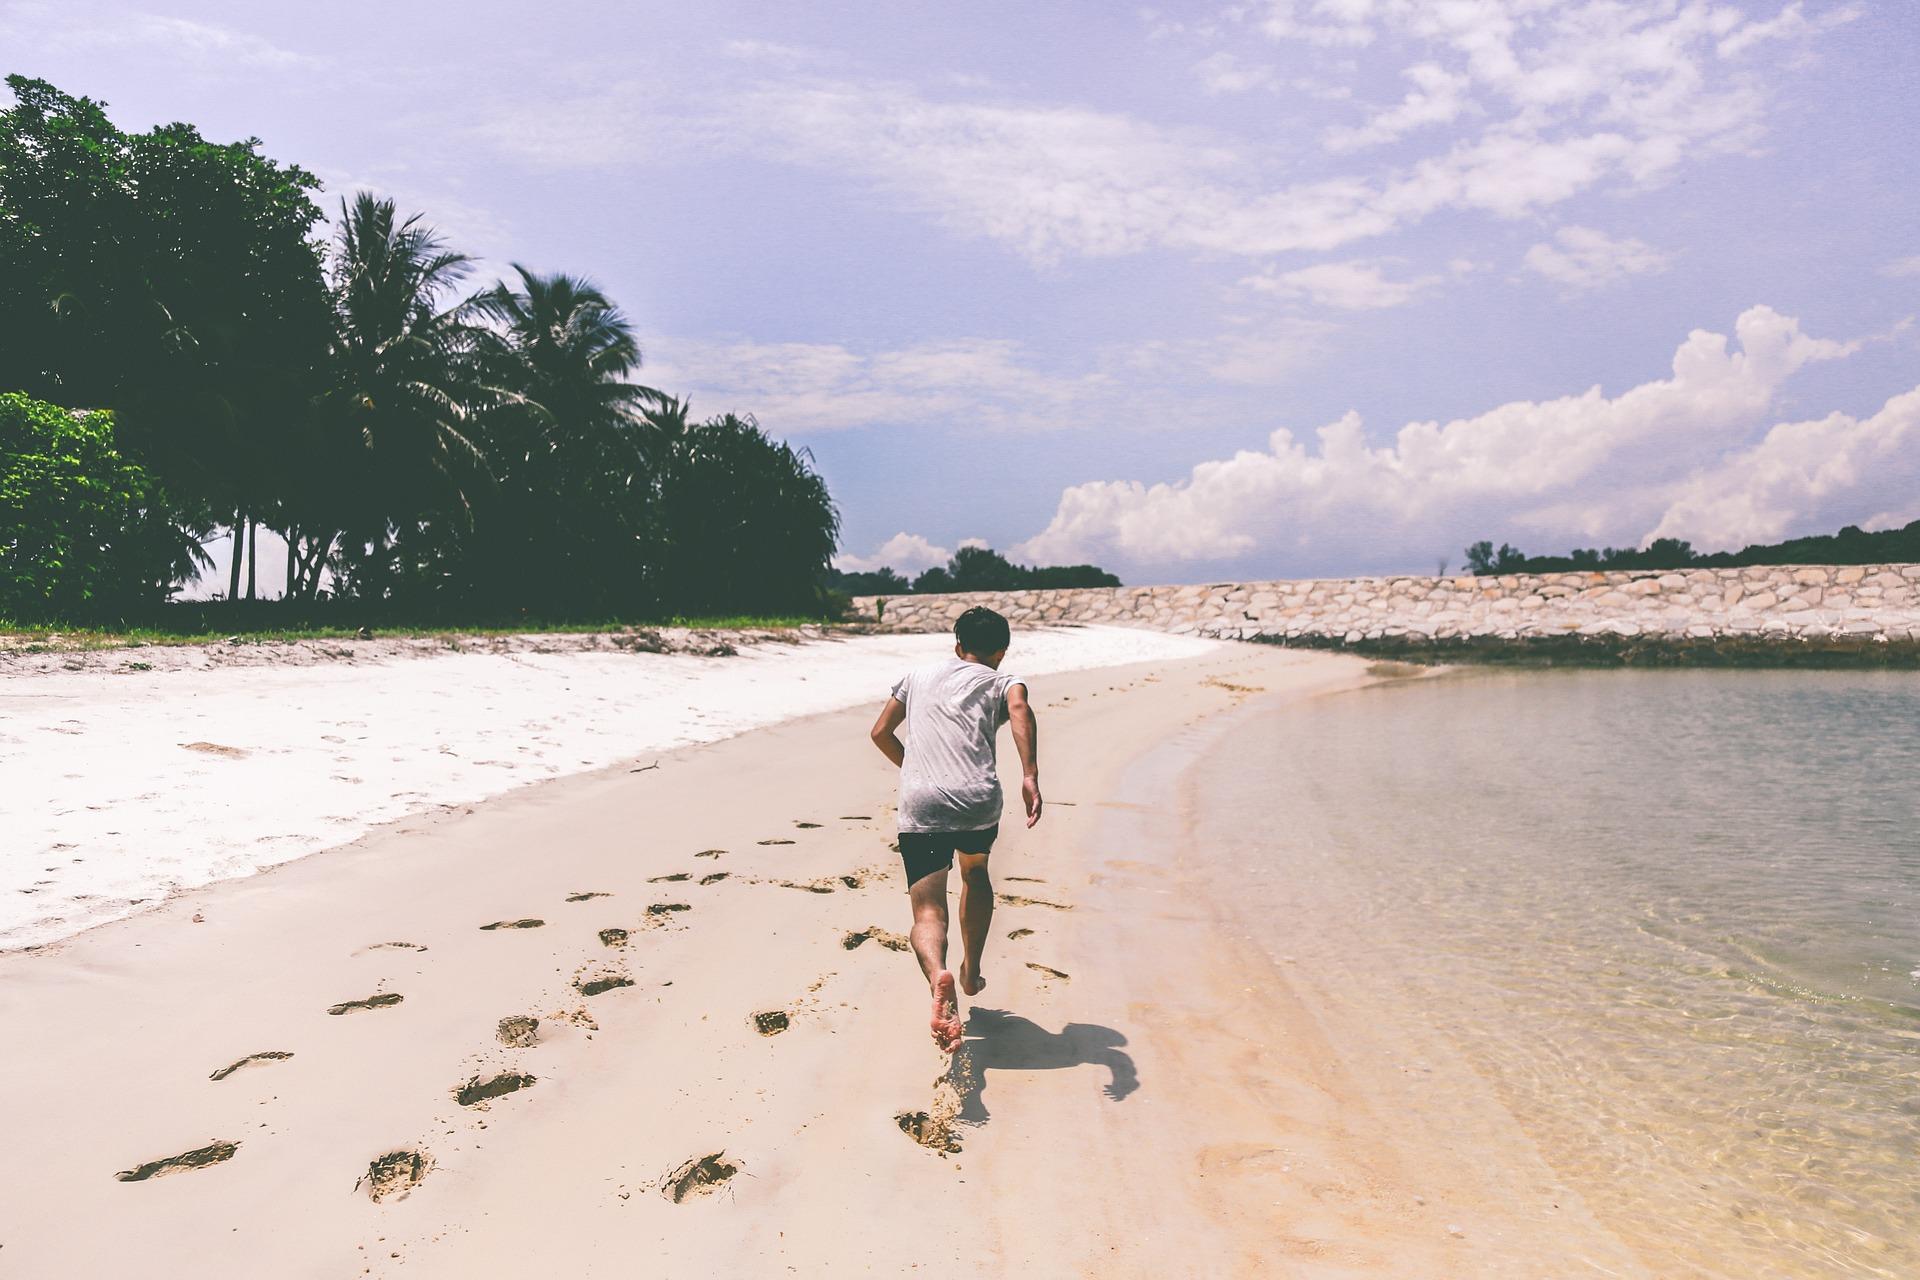 Kako trčanje spasava planetu?